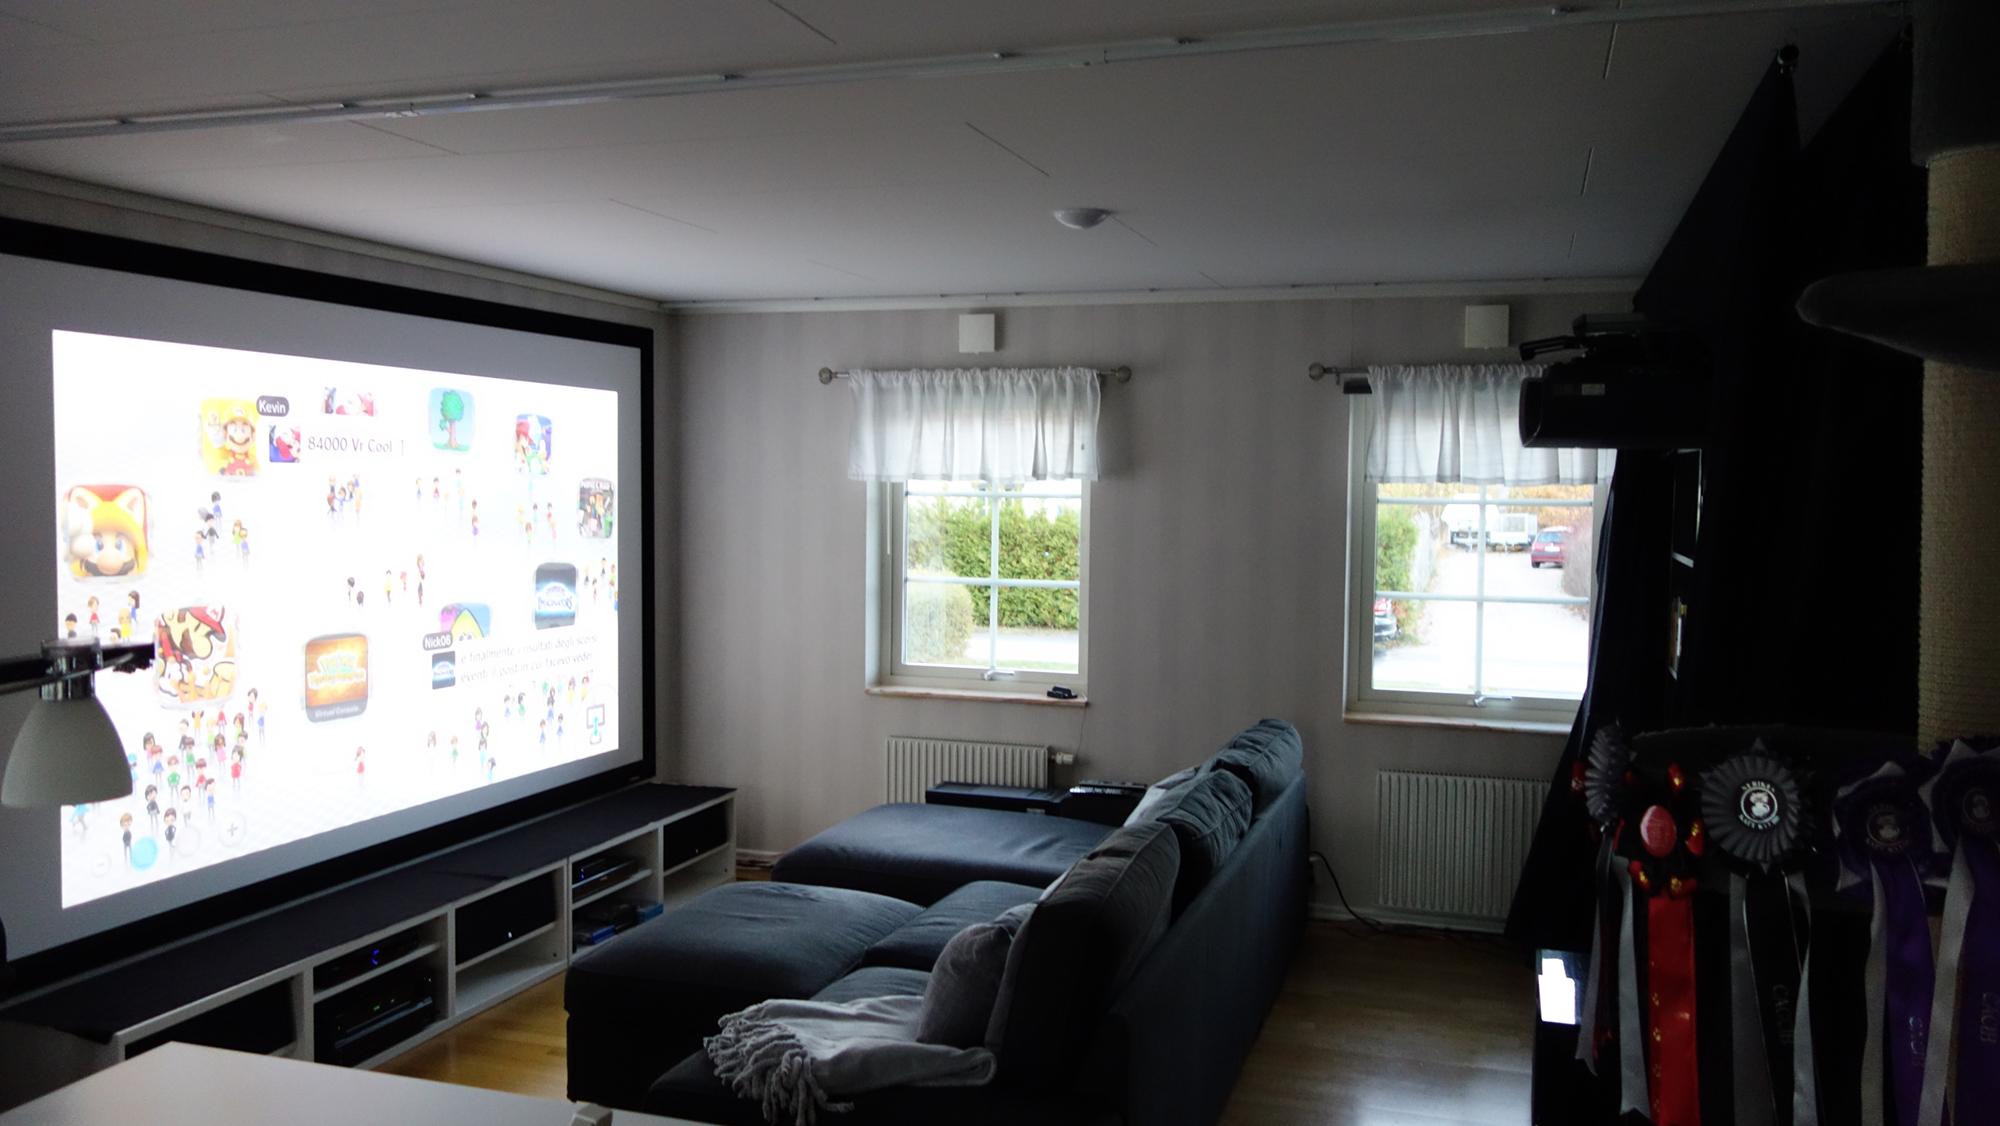 2-det-nya-vita-vardagsrummet-med-oppen-biotunnel-fran-sidan